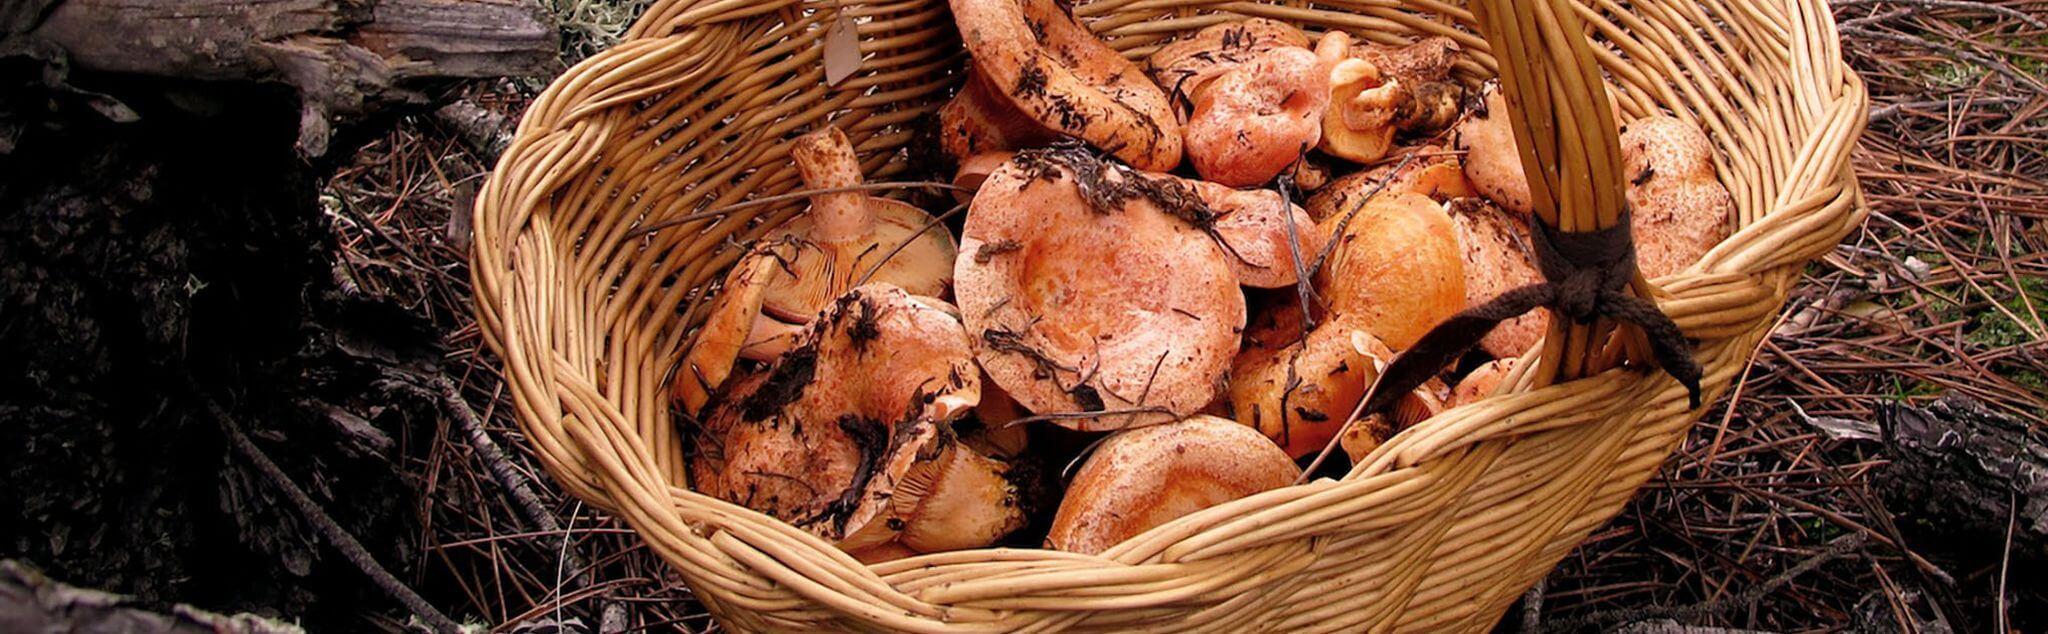 Mushroom Picking in Spain